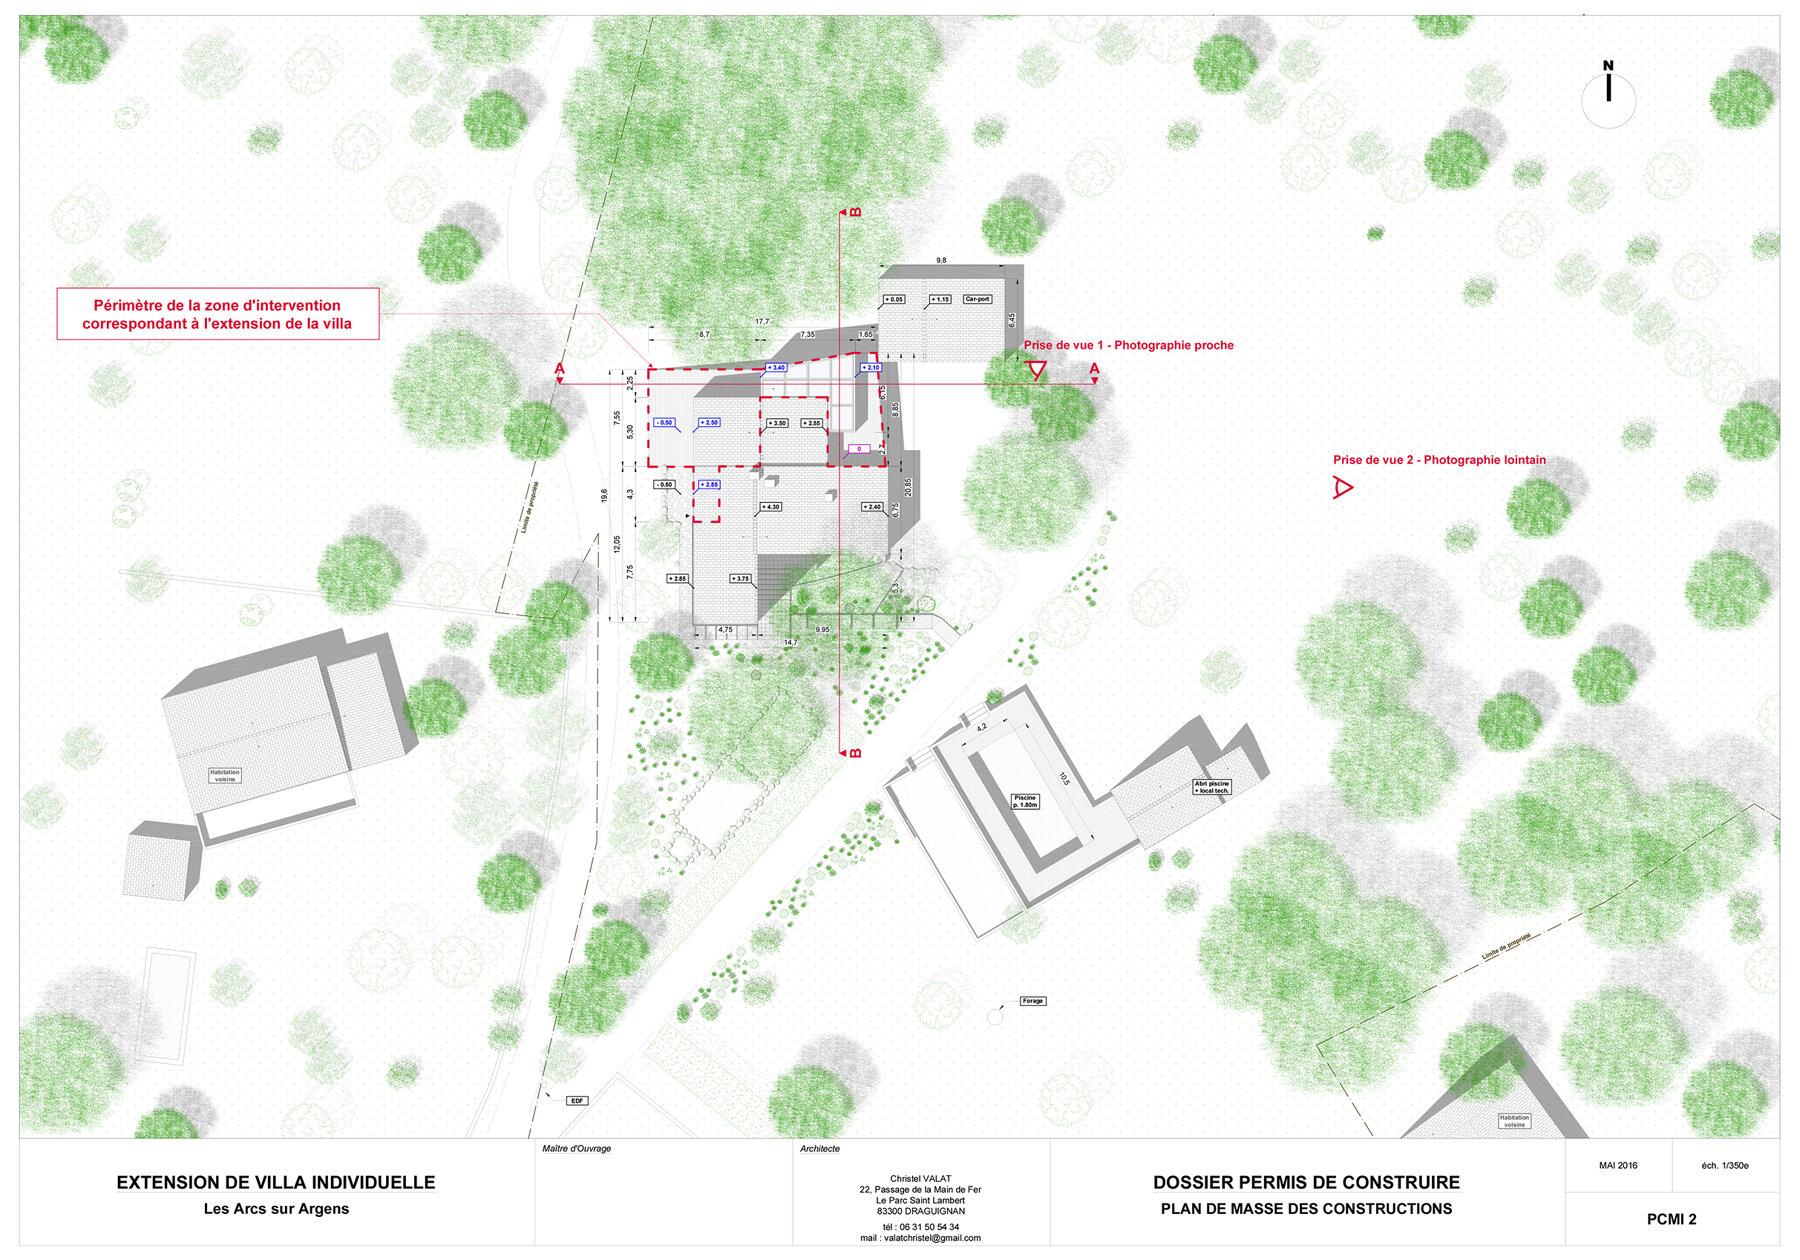 Extension de villa individuelle - 1